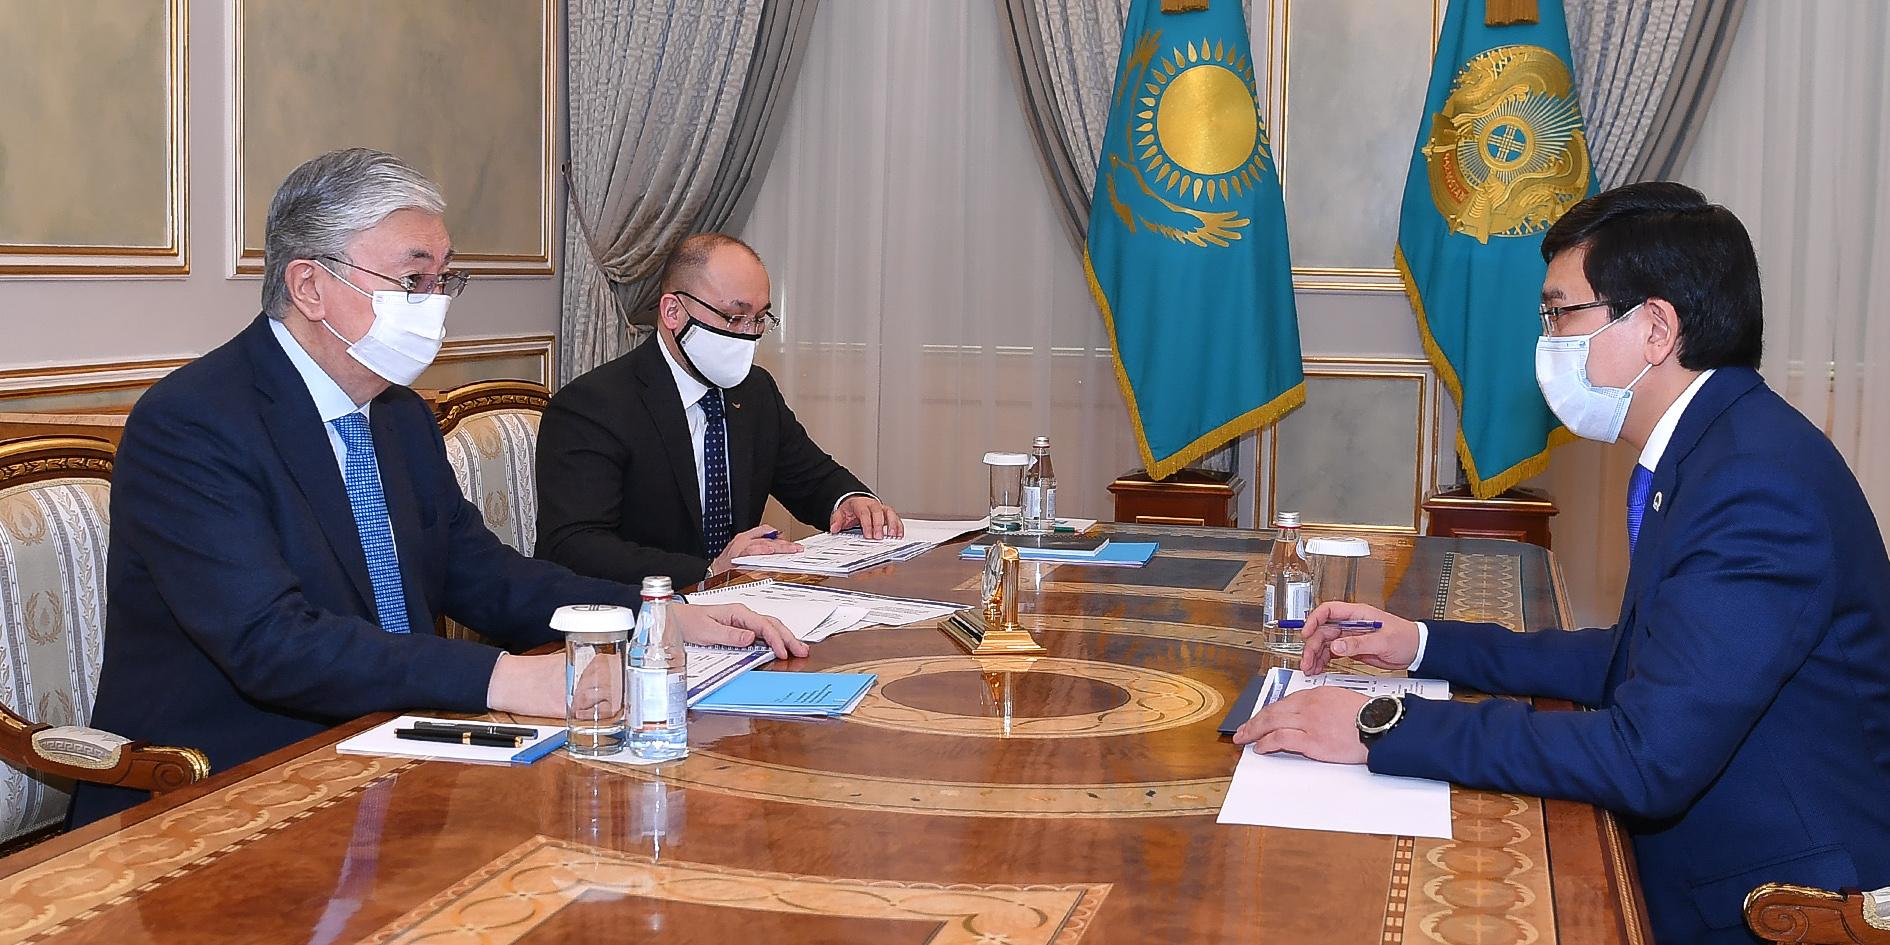 Касым-Жомарта Токаева проинформировали о состоянии учебного процесса в пандемию